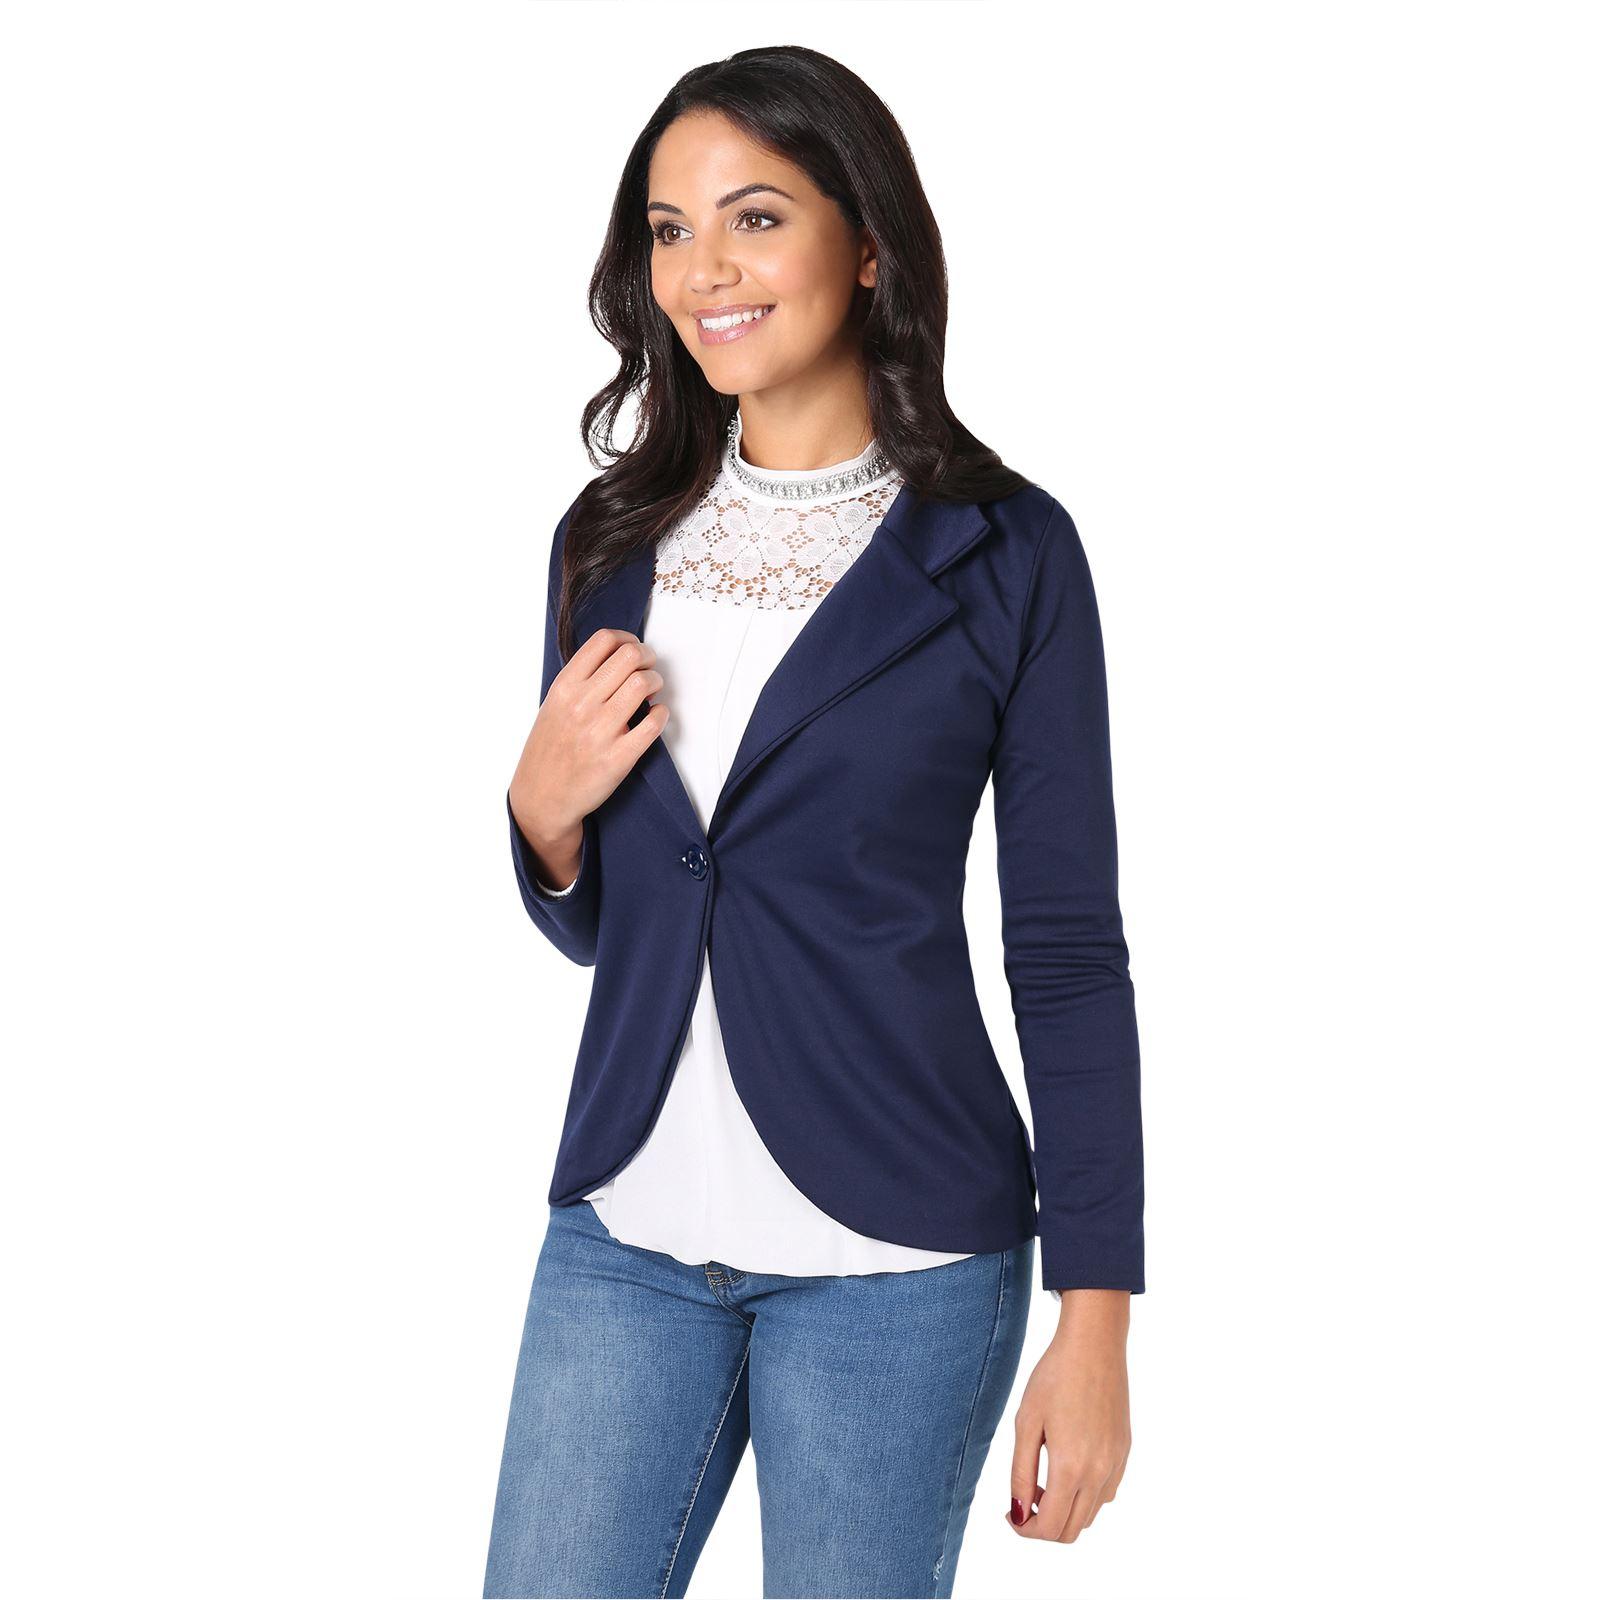 Skirt Suits - Comprar Skirt Suits productos de H&L Dresses